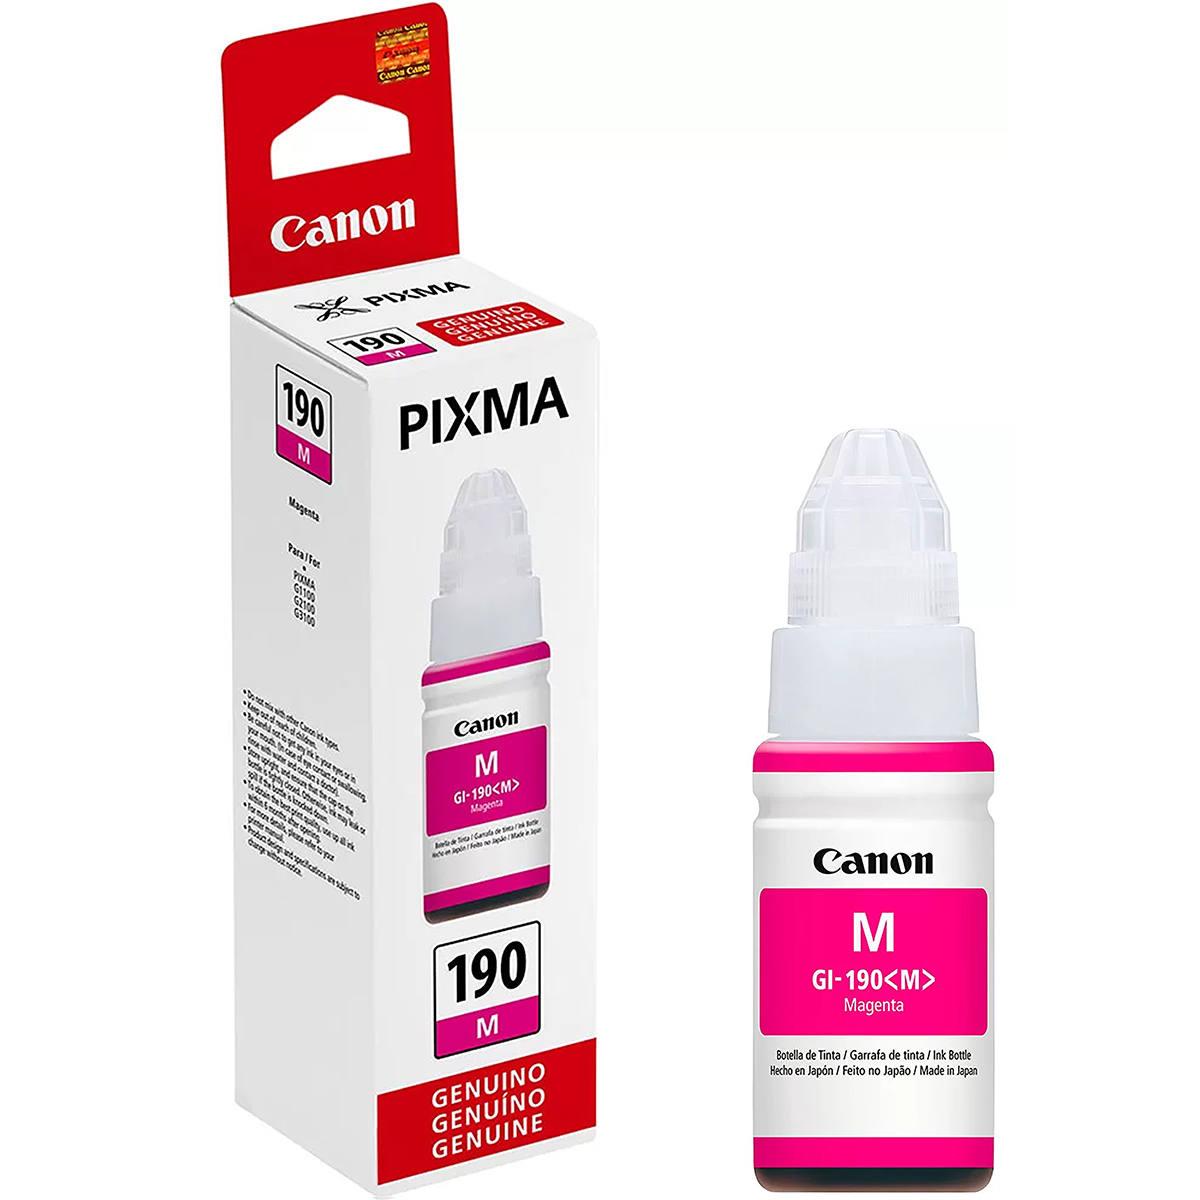 Tinta Canon GI-190M GI-190 GI190 Magenta Original para Pixma Maxx G1100 G2100 G3100 G3102 G4100 G3111 Refil de 70ml